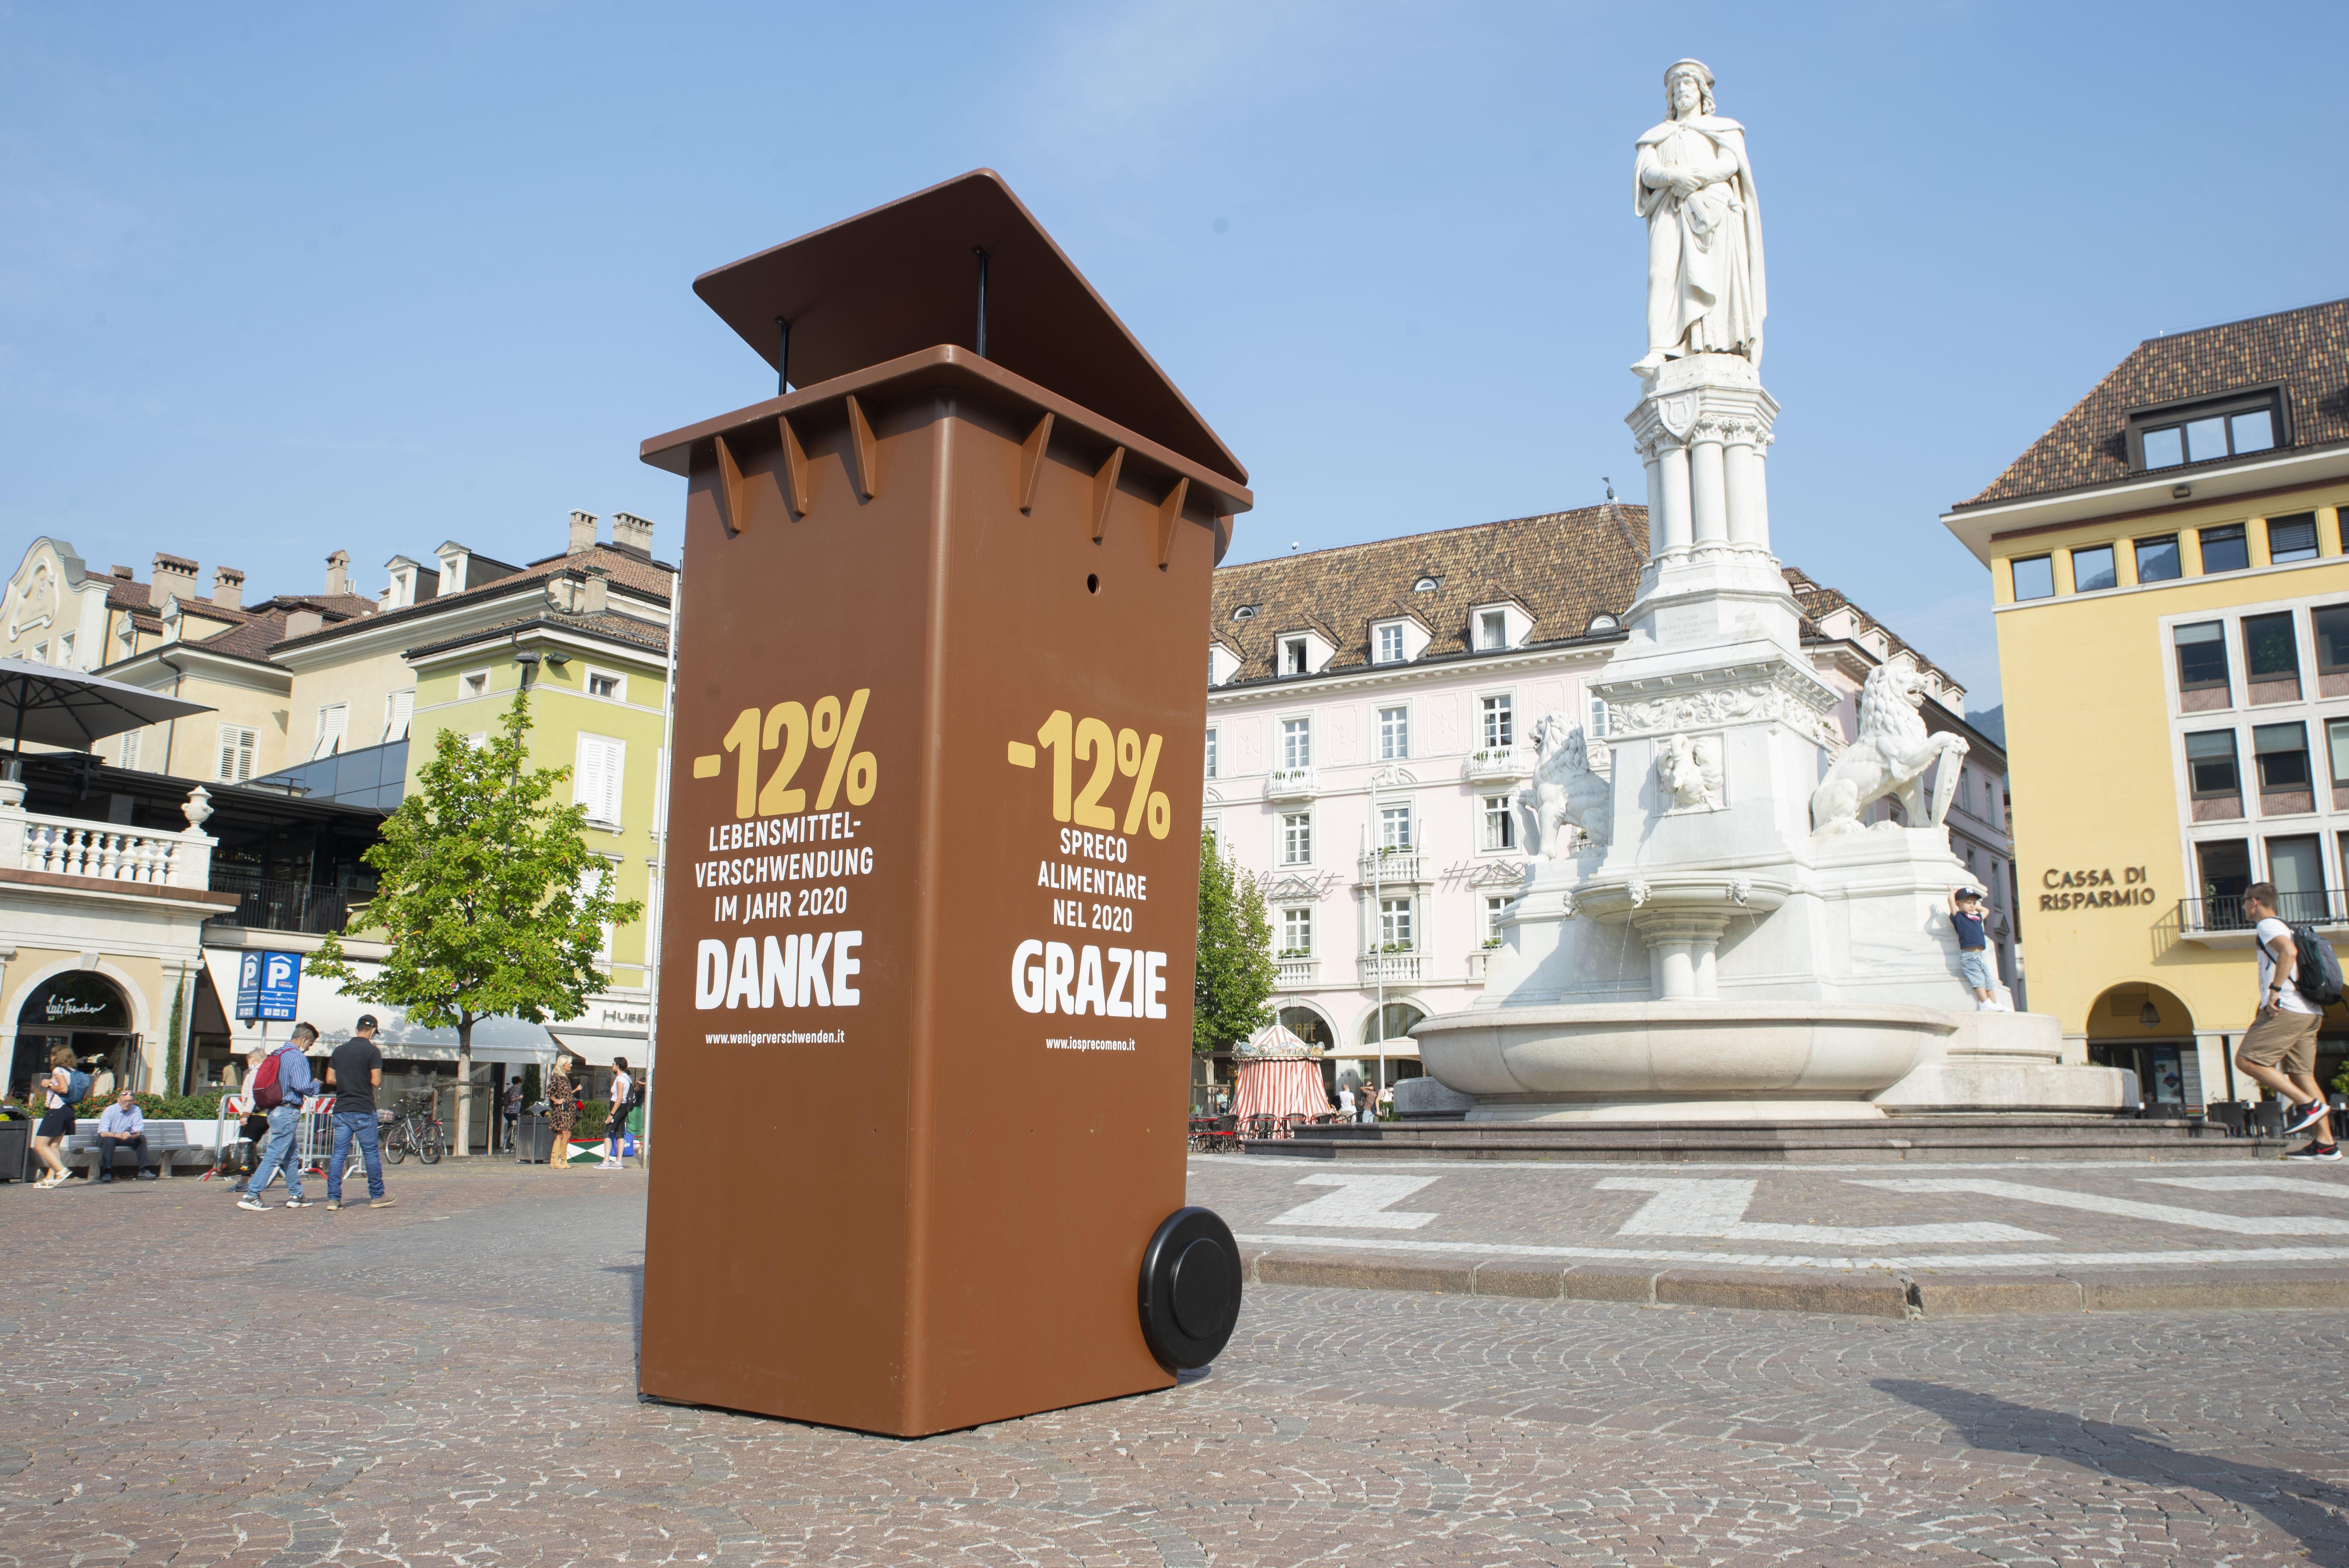 Die Mülltonne als Symbol für die Kampagne gegen Lebensmittelverschwendung in Bozen